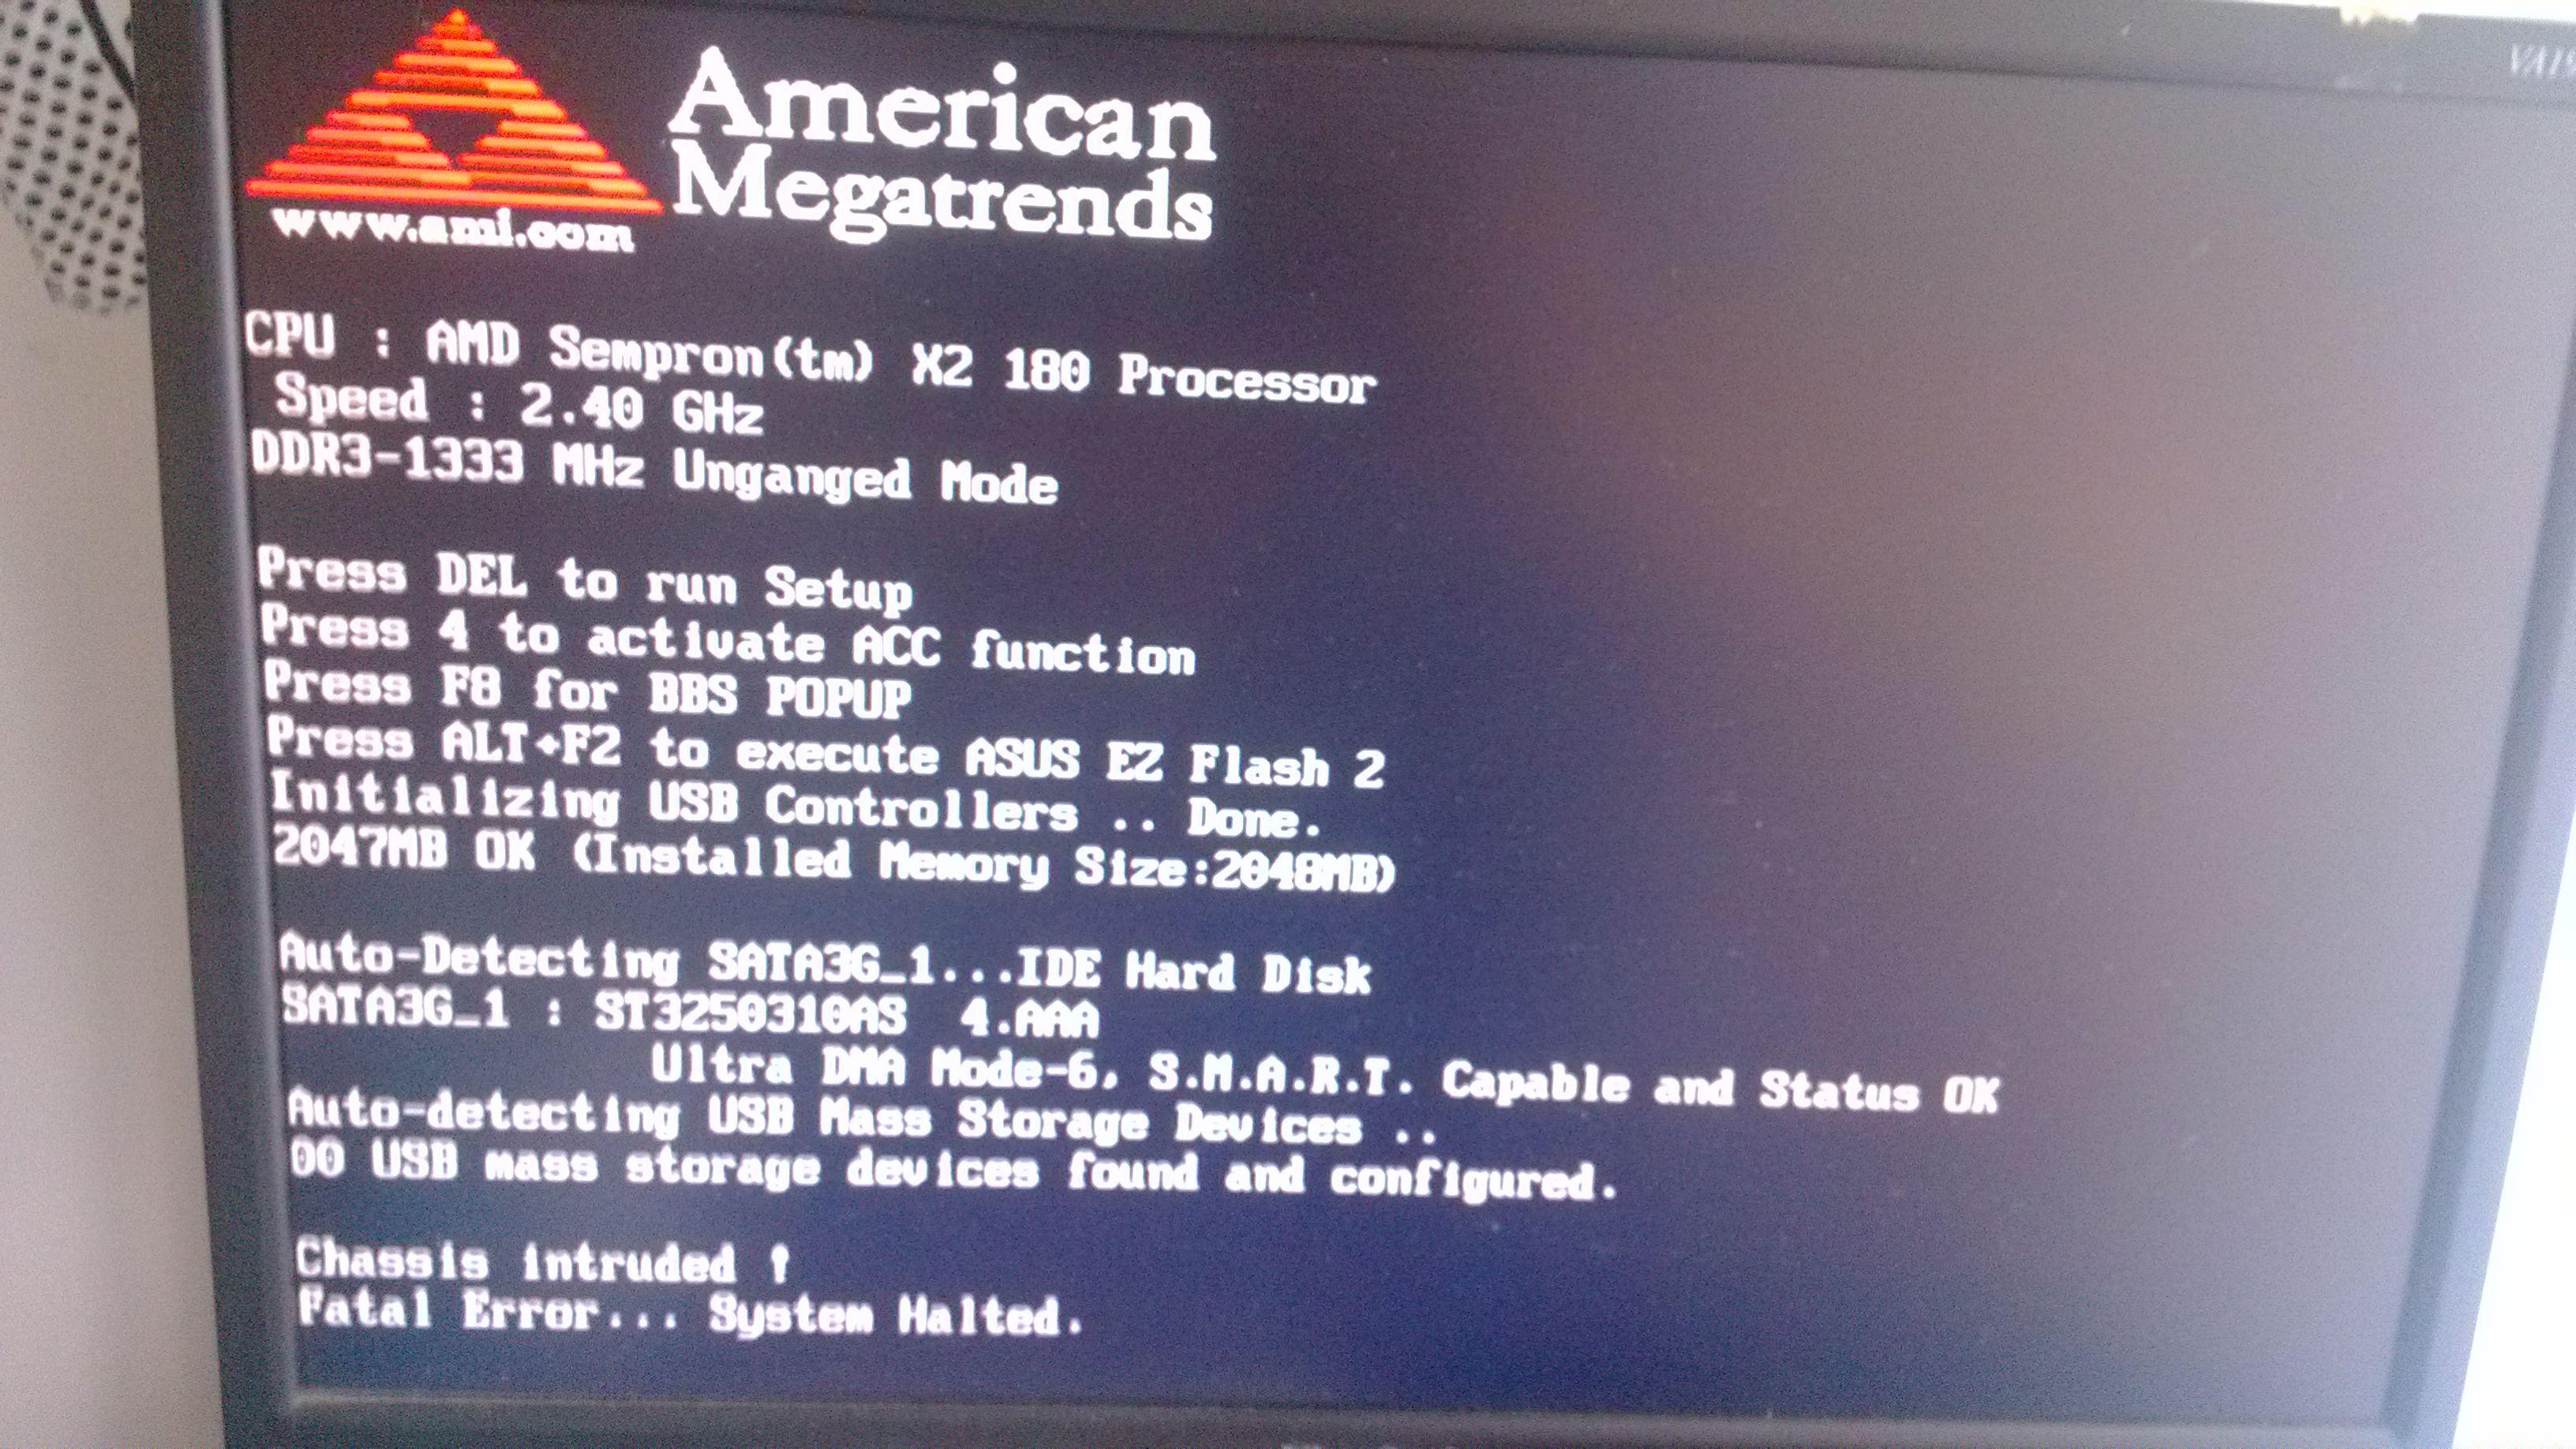 电脑经常开机就出现英文画面,xp系统.图片